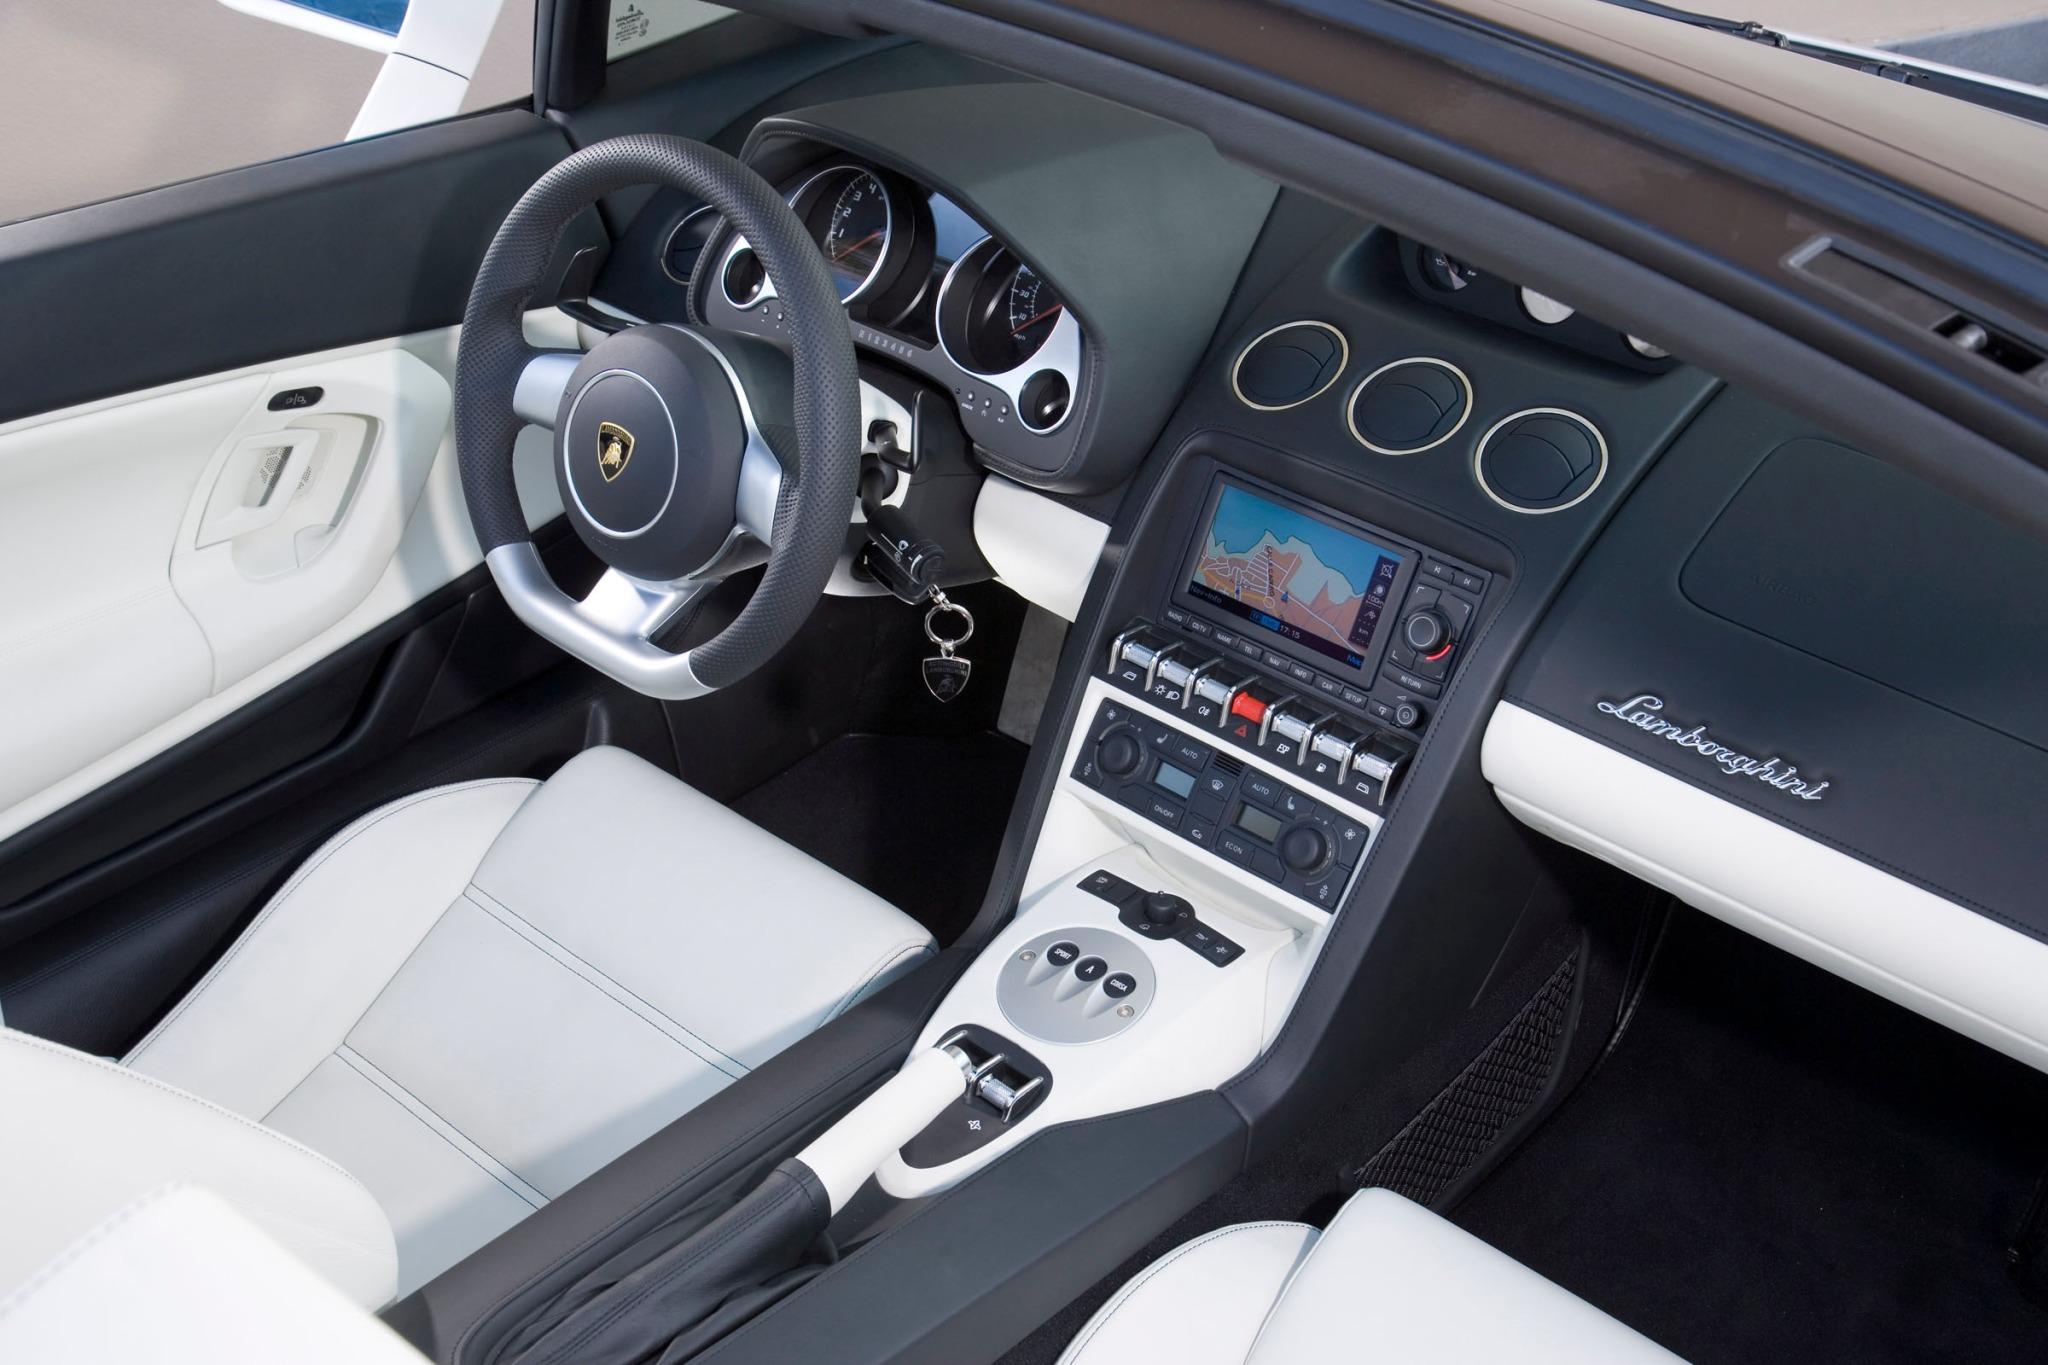 2012 Lamborghini Gallardo Vin Number Search Autodetective